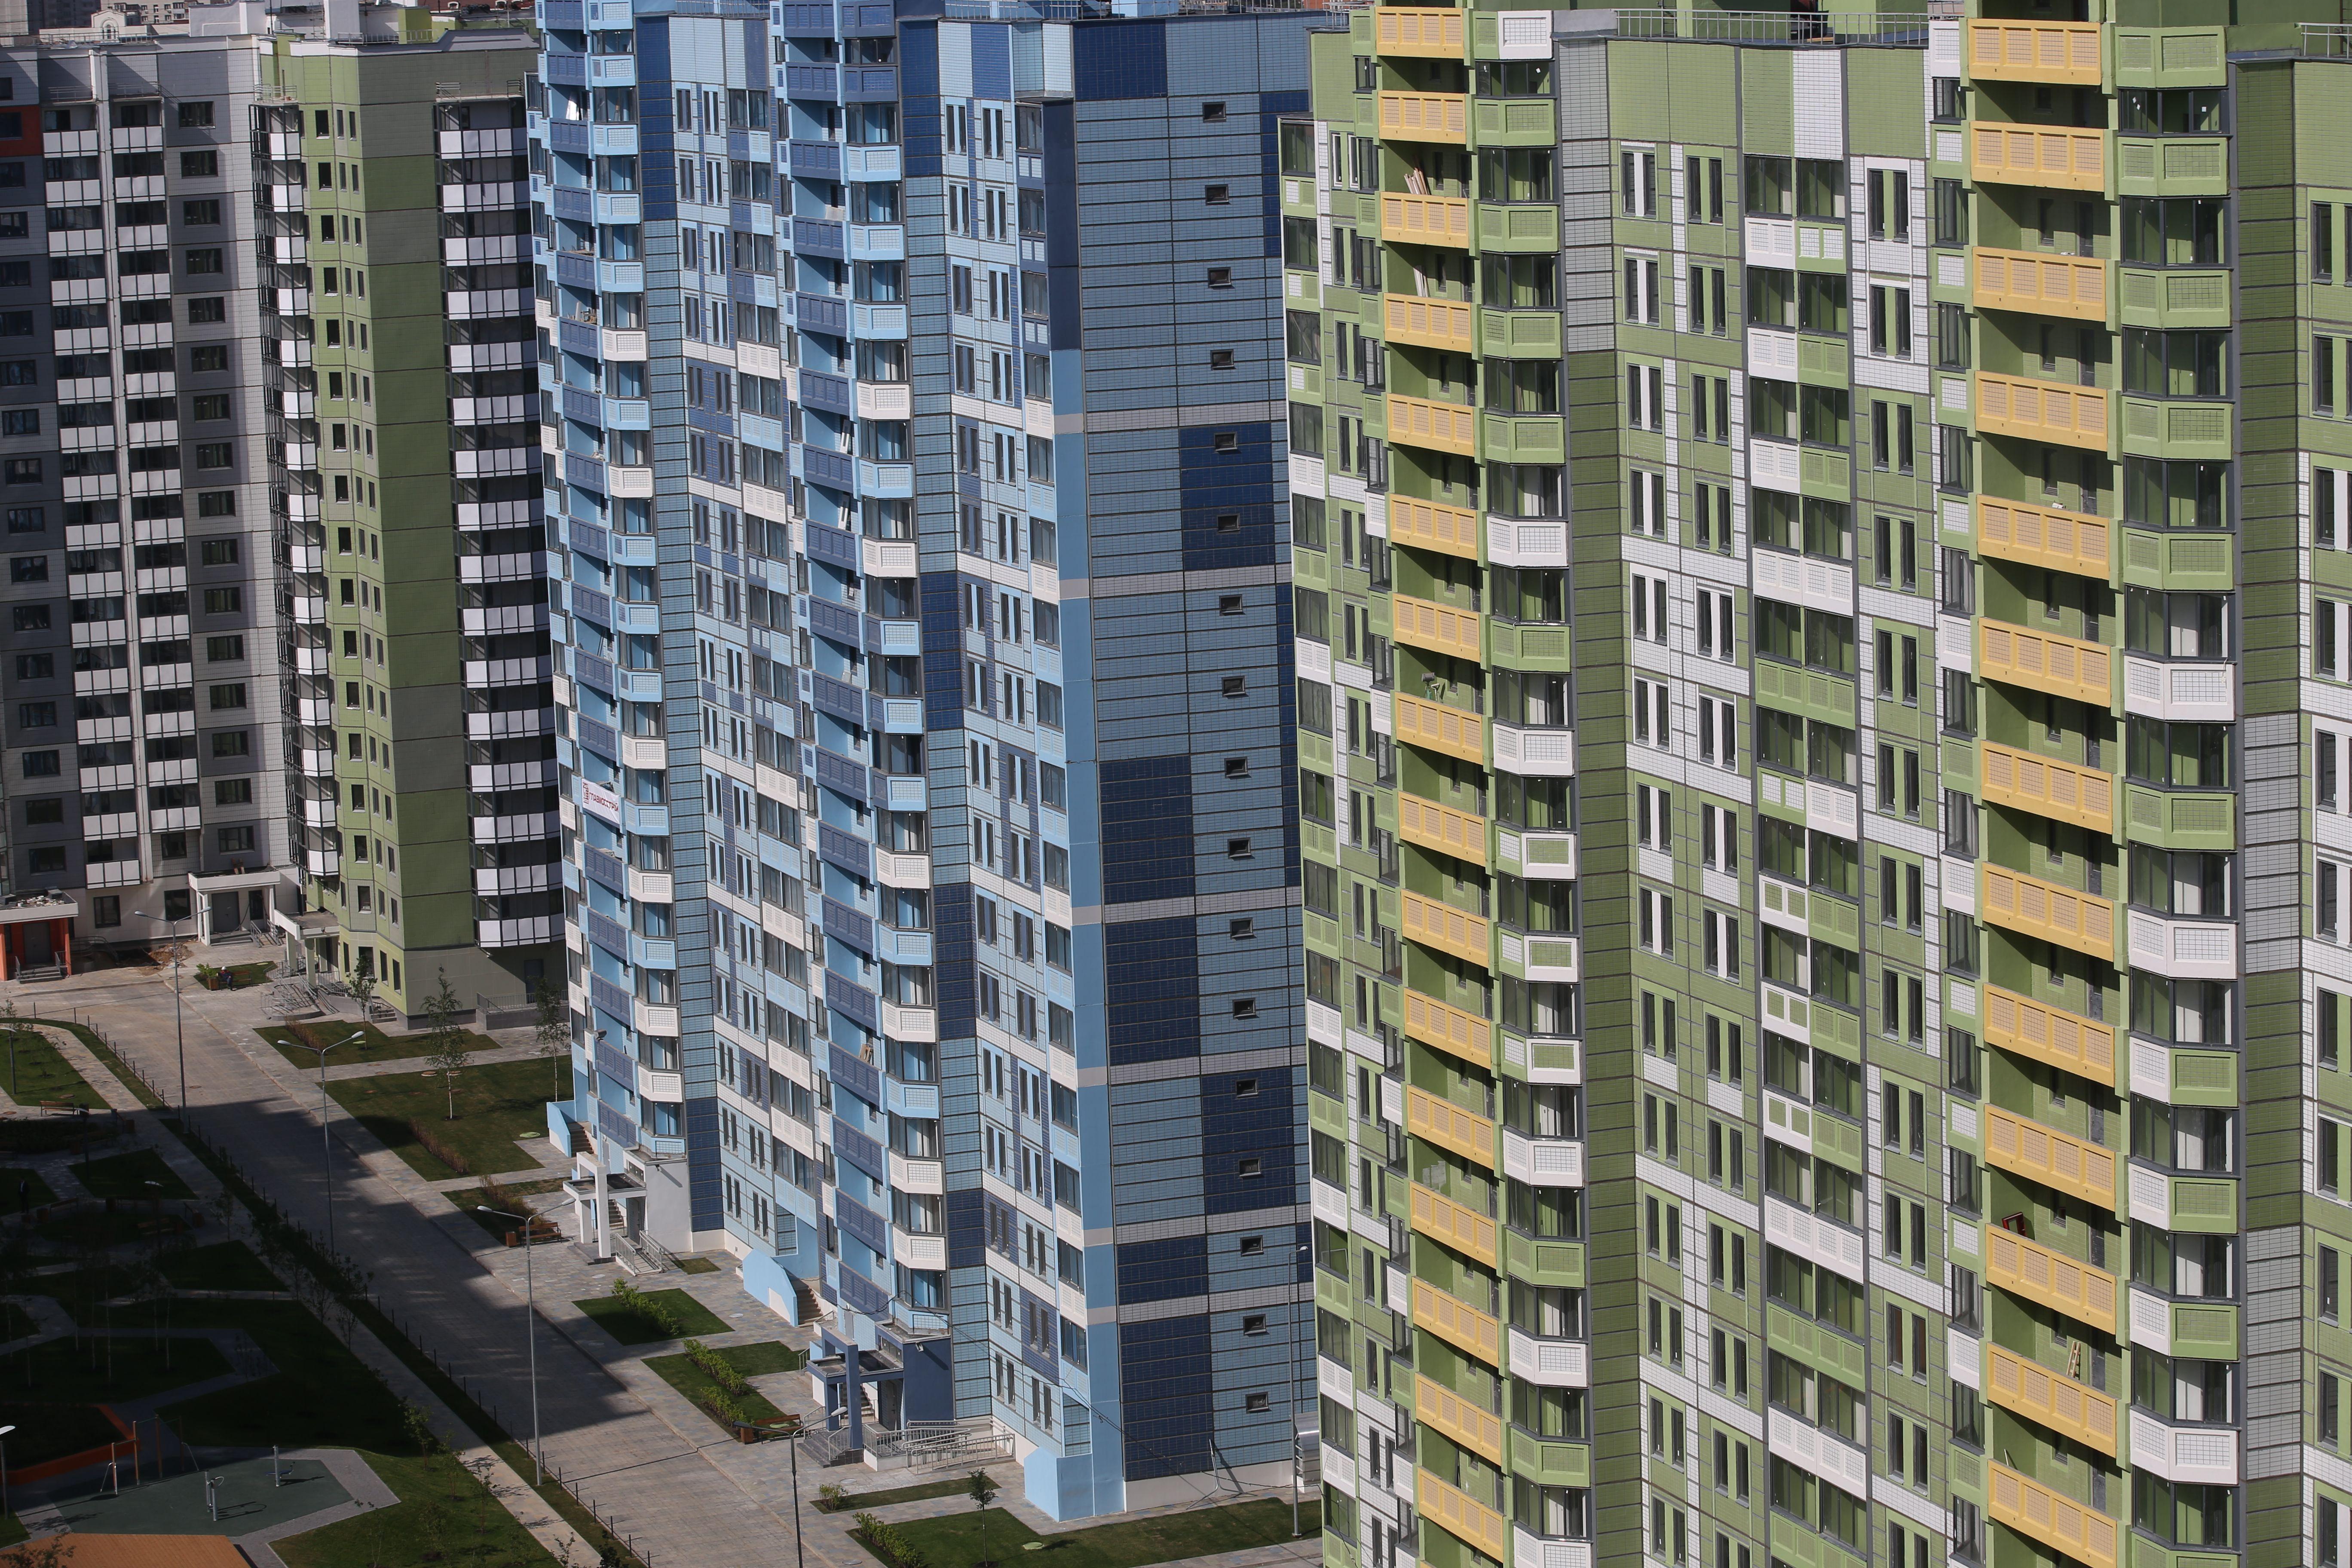 Более 3,2 миллиона «квадратов» недвижимости построят около ЦКАД в Новой Москве